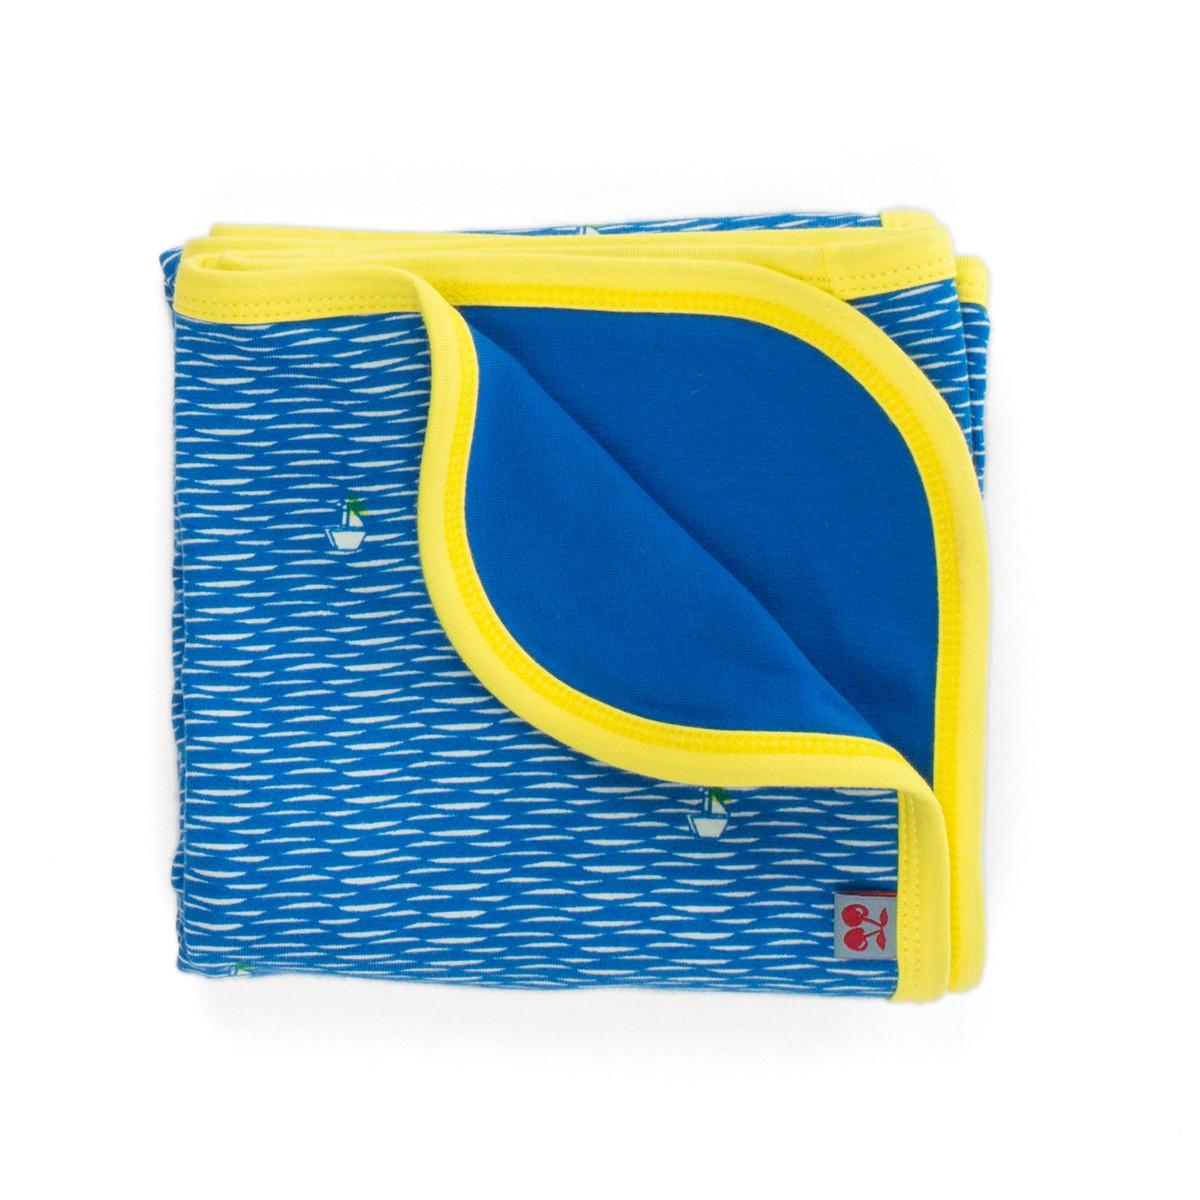 Wrap Blanket boats